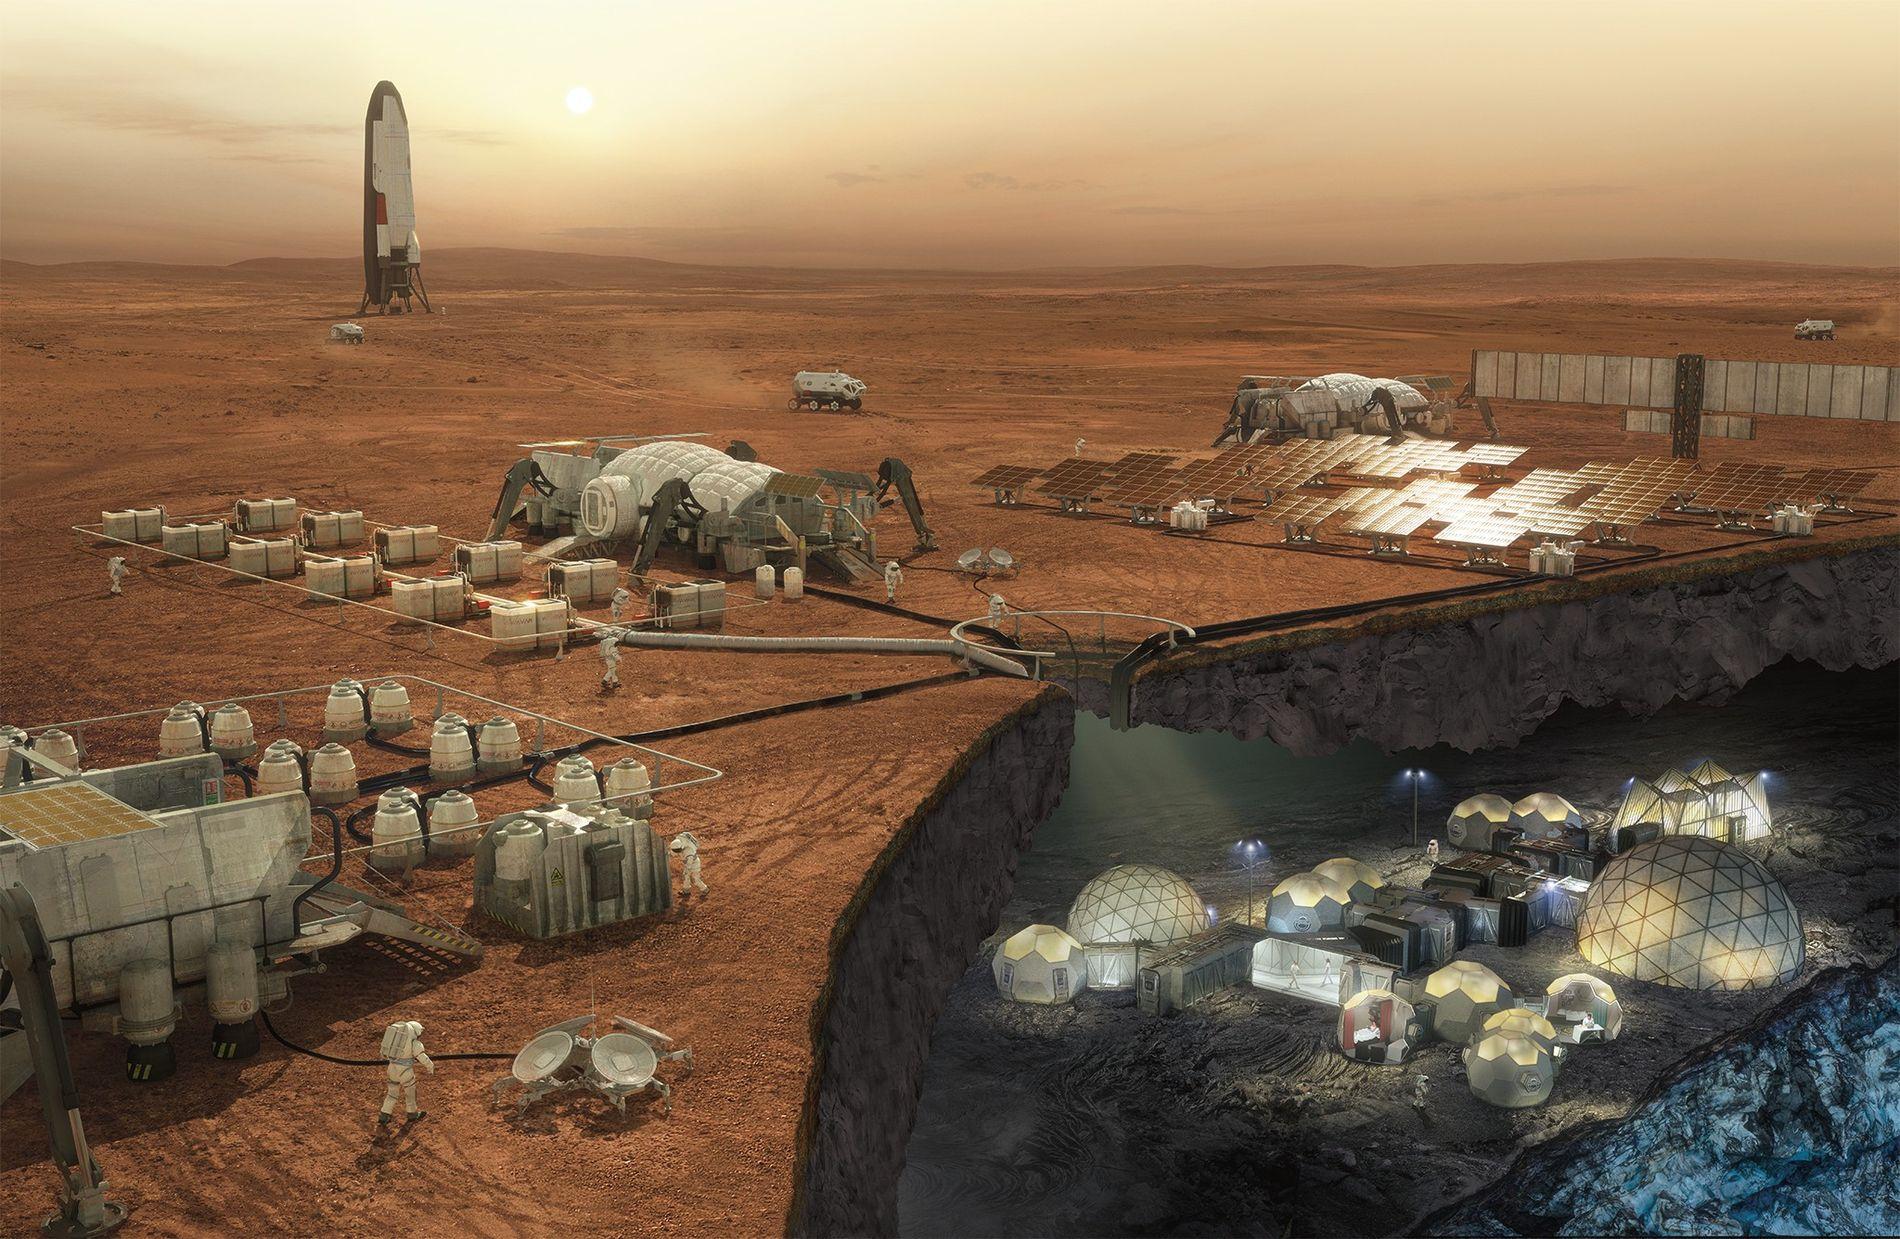 Eine Illustration zeigt, wie eine autarke menschliche Niederlassung auf dem Mars aussehen könnte.